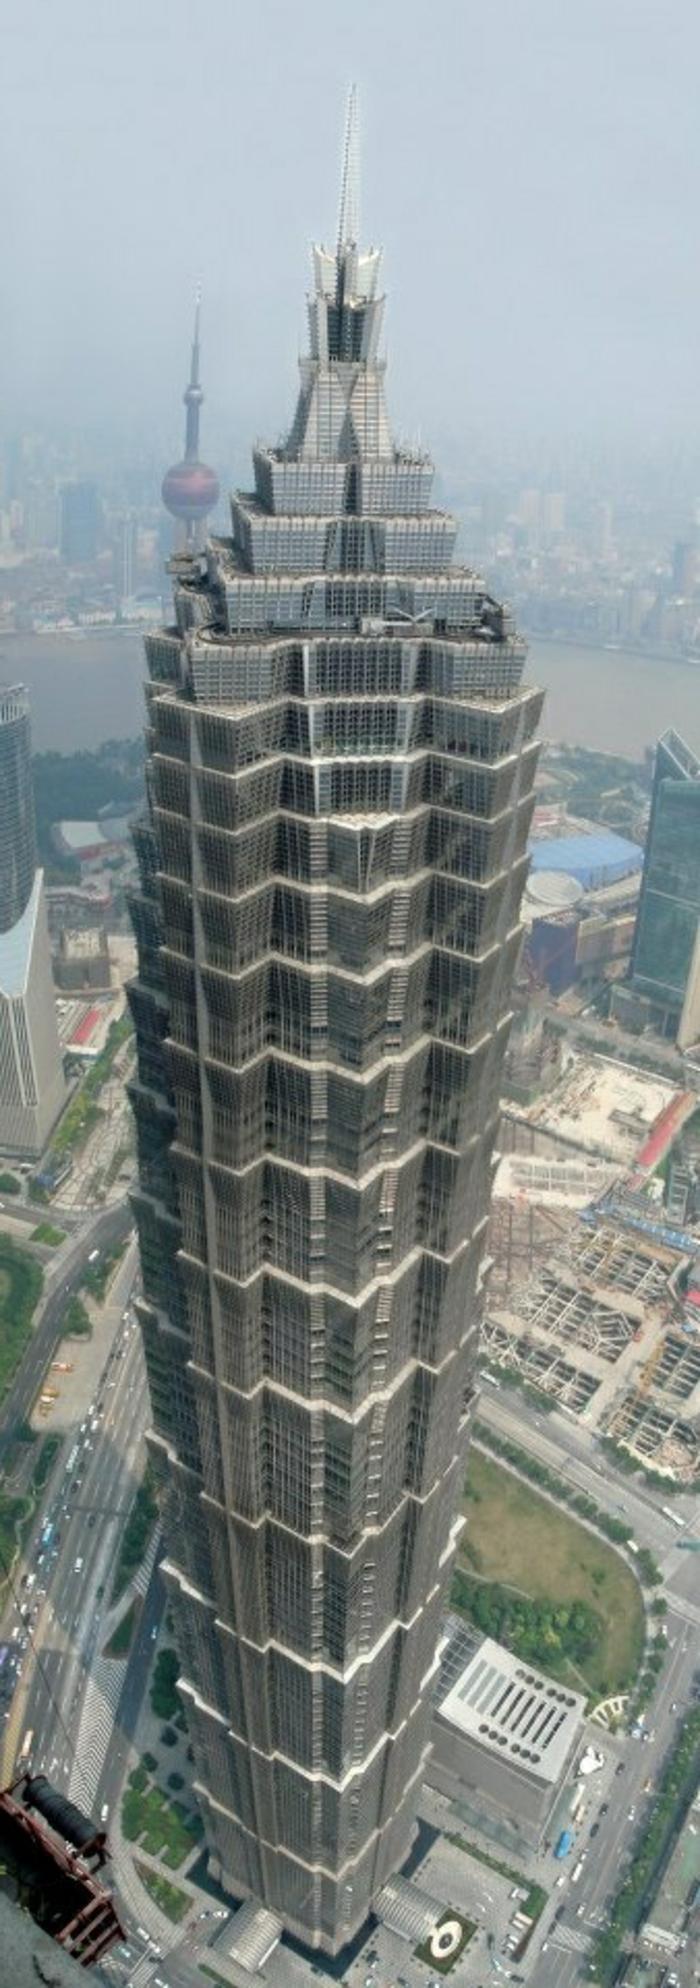 shanghai-tower-gratte-ciel-batiment-publique-joli-design-moderne-a-haute-batiment-